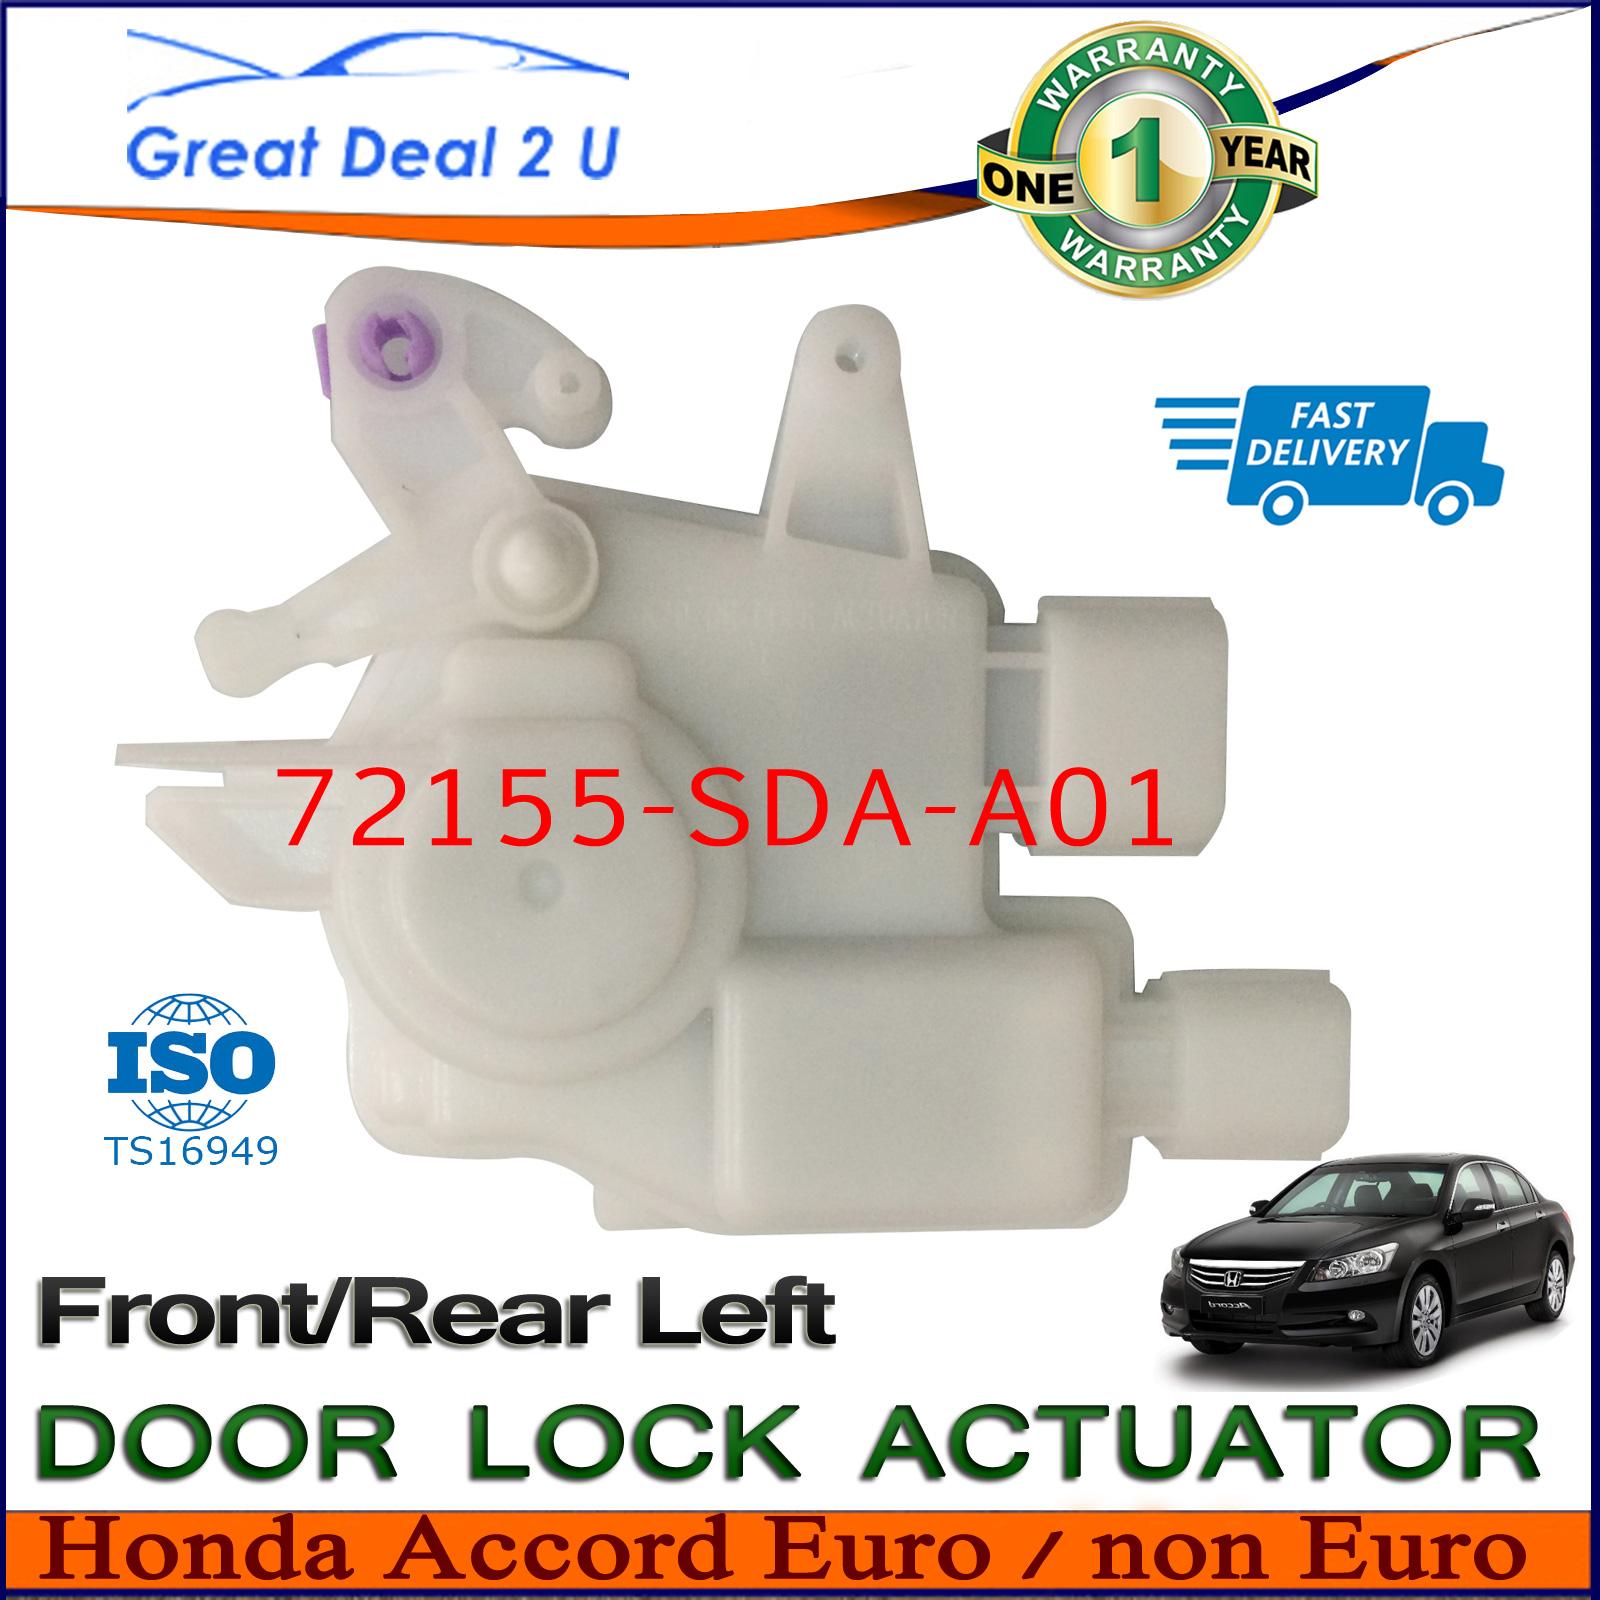 honda accord door lock actuator euro non euro front left For05 Honda Accord Door Lock Actuator